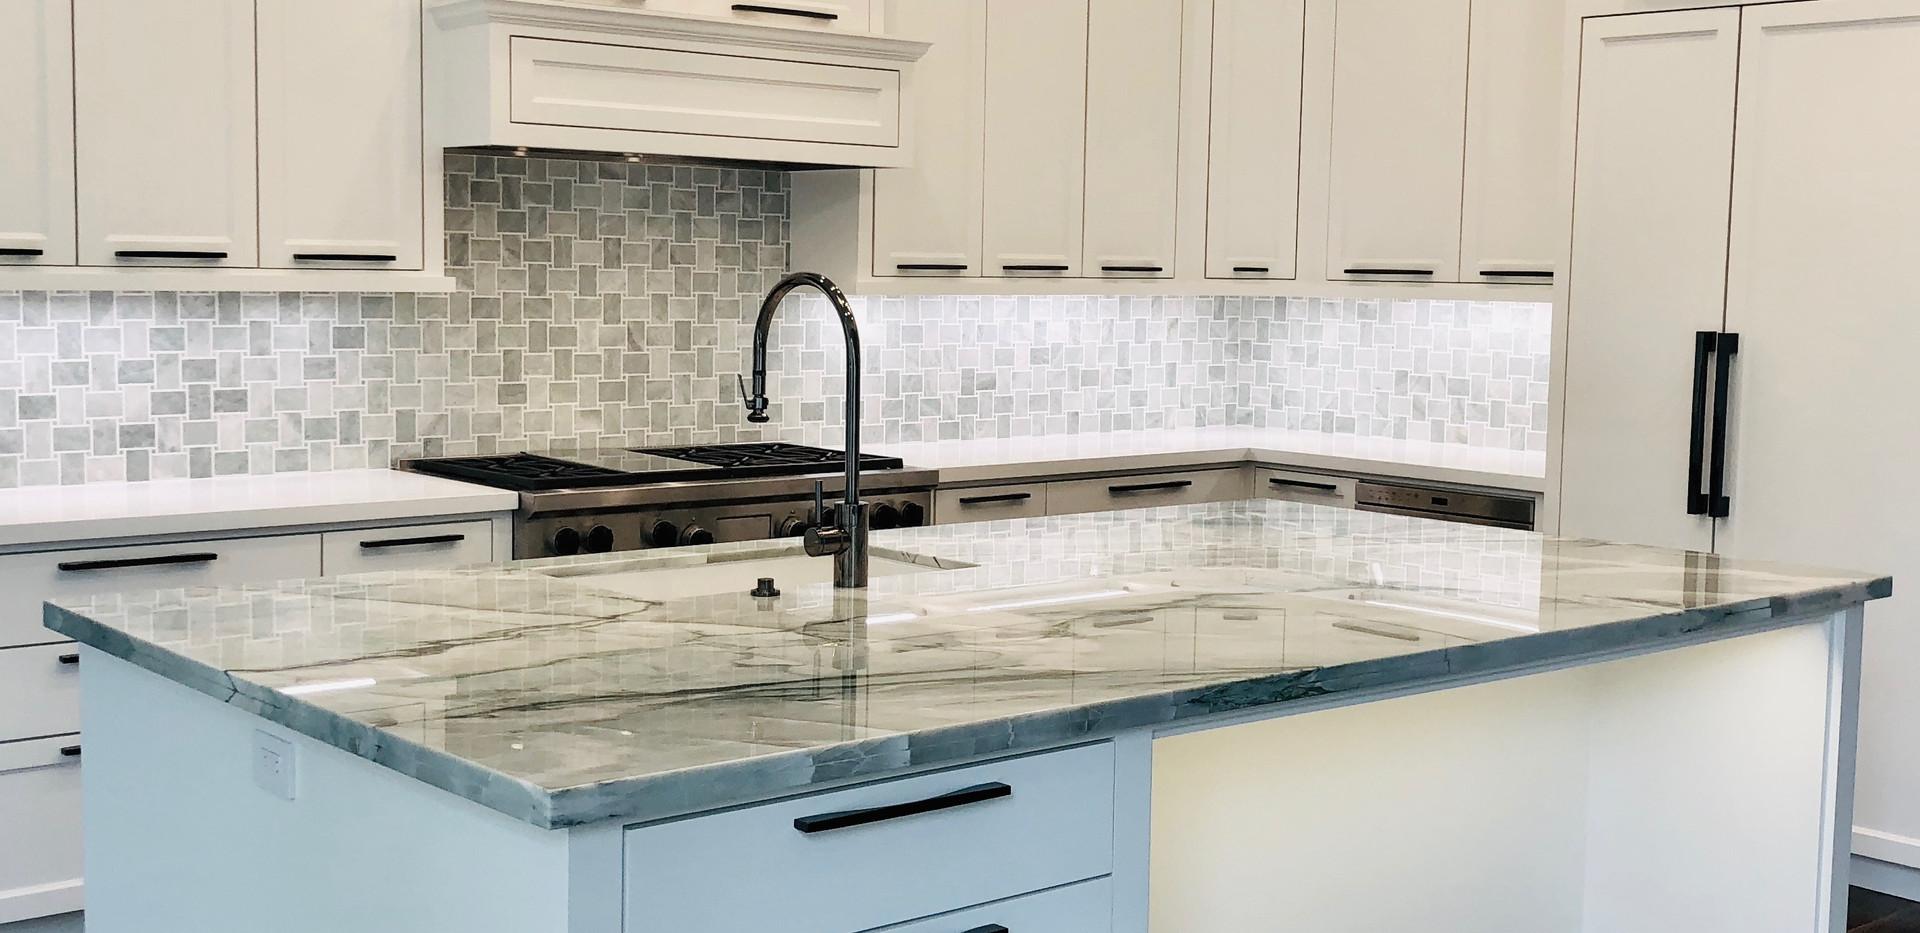 Dream Kitchen - Angled Full